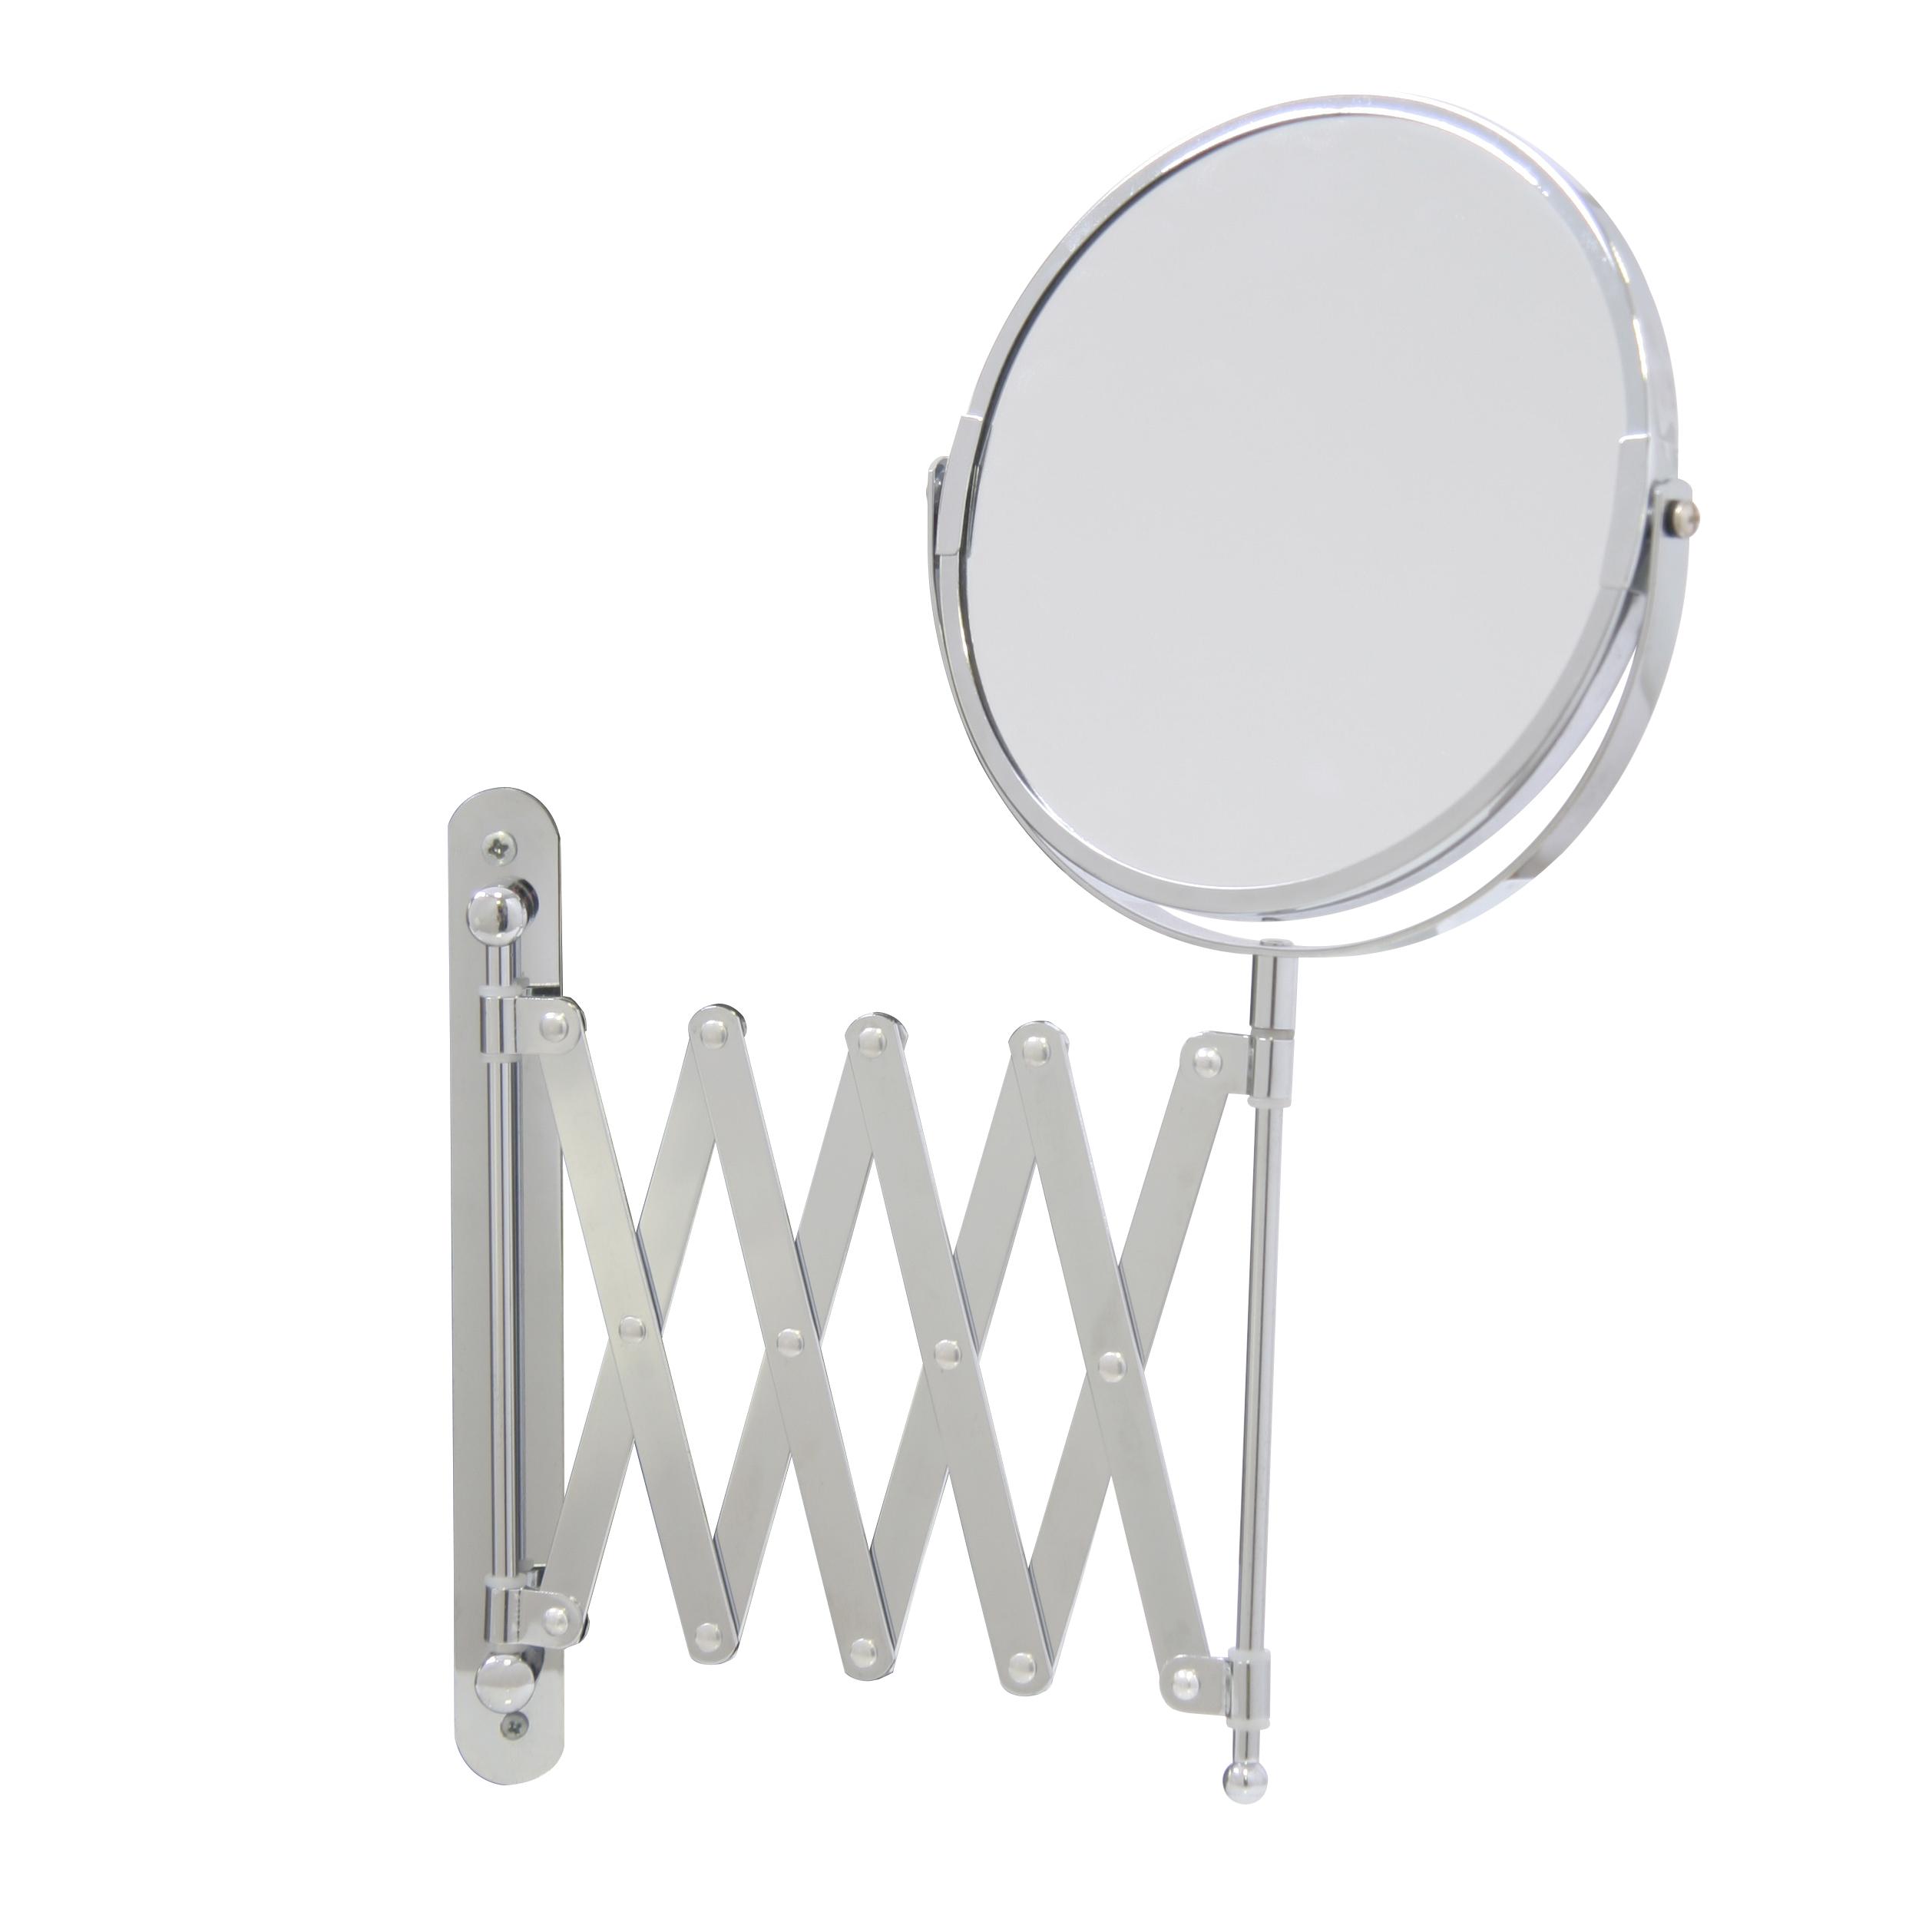 Зеркало косметическое Axentia, настенное, на вытягивающейся ручке, диаметр 17 см282802Двухстороннее косметическое зеркало Axentia с трехкратным увеличением с одной из сторон оснащено ручкой, которая вытягивается на 57 cм. Изделие идеально подойдет для косметических процедур, нанесения и снятия макияжа, коррекции бровей и многого другого.Компактные размеры и возможность разворота на 360 градусов создаст дополнительный комфорт при использовании данного аксессуара.Изделие крепится на стену с помощью шурупов (не входят в комплект).Диаметр зеркала: 17 см.Выдвижение ручки на 57 см.